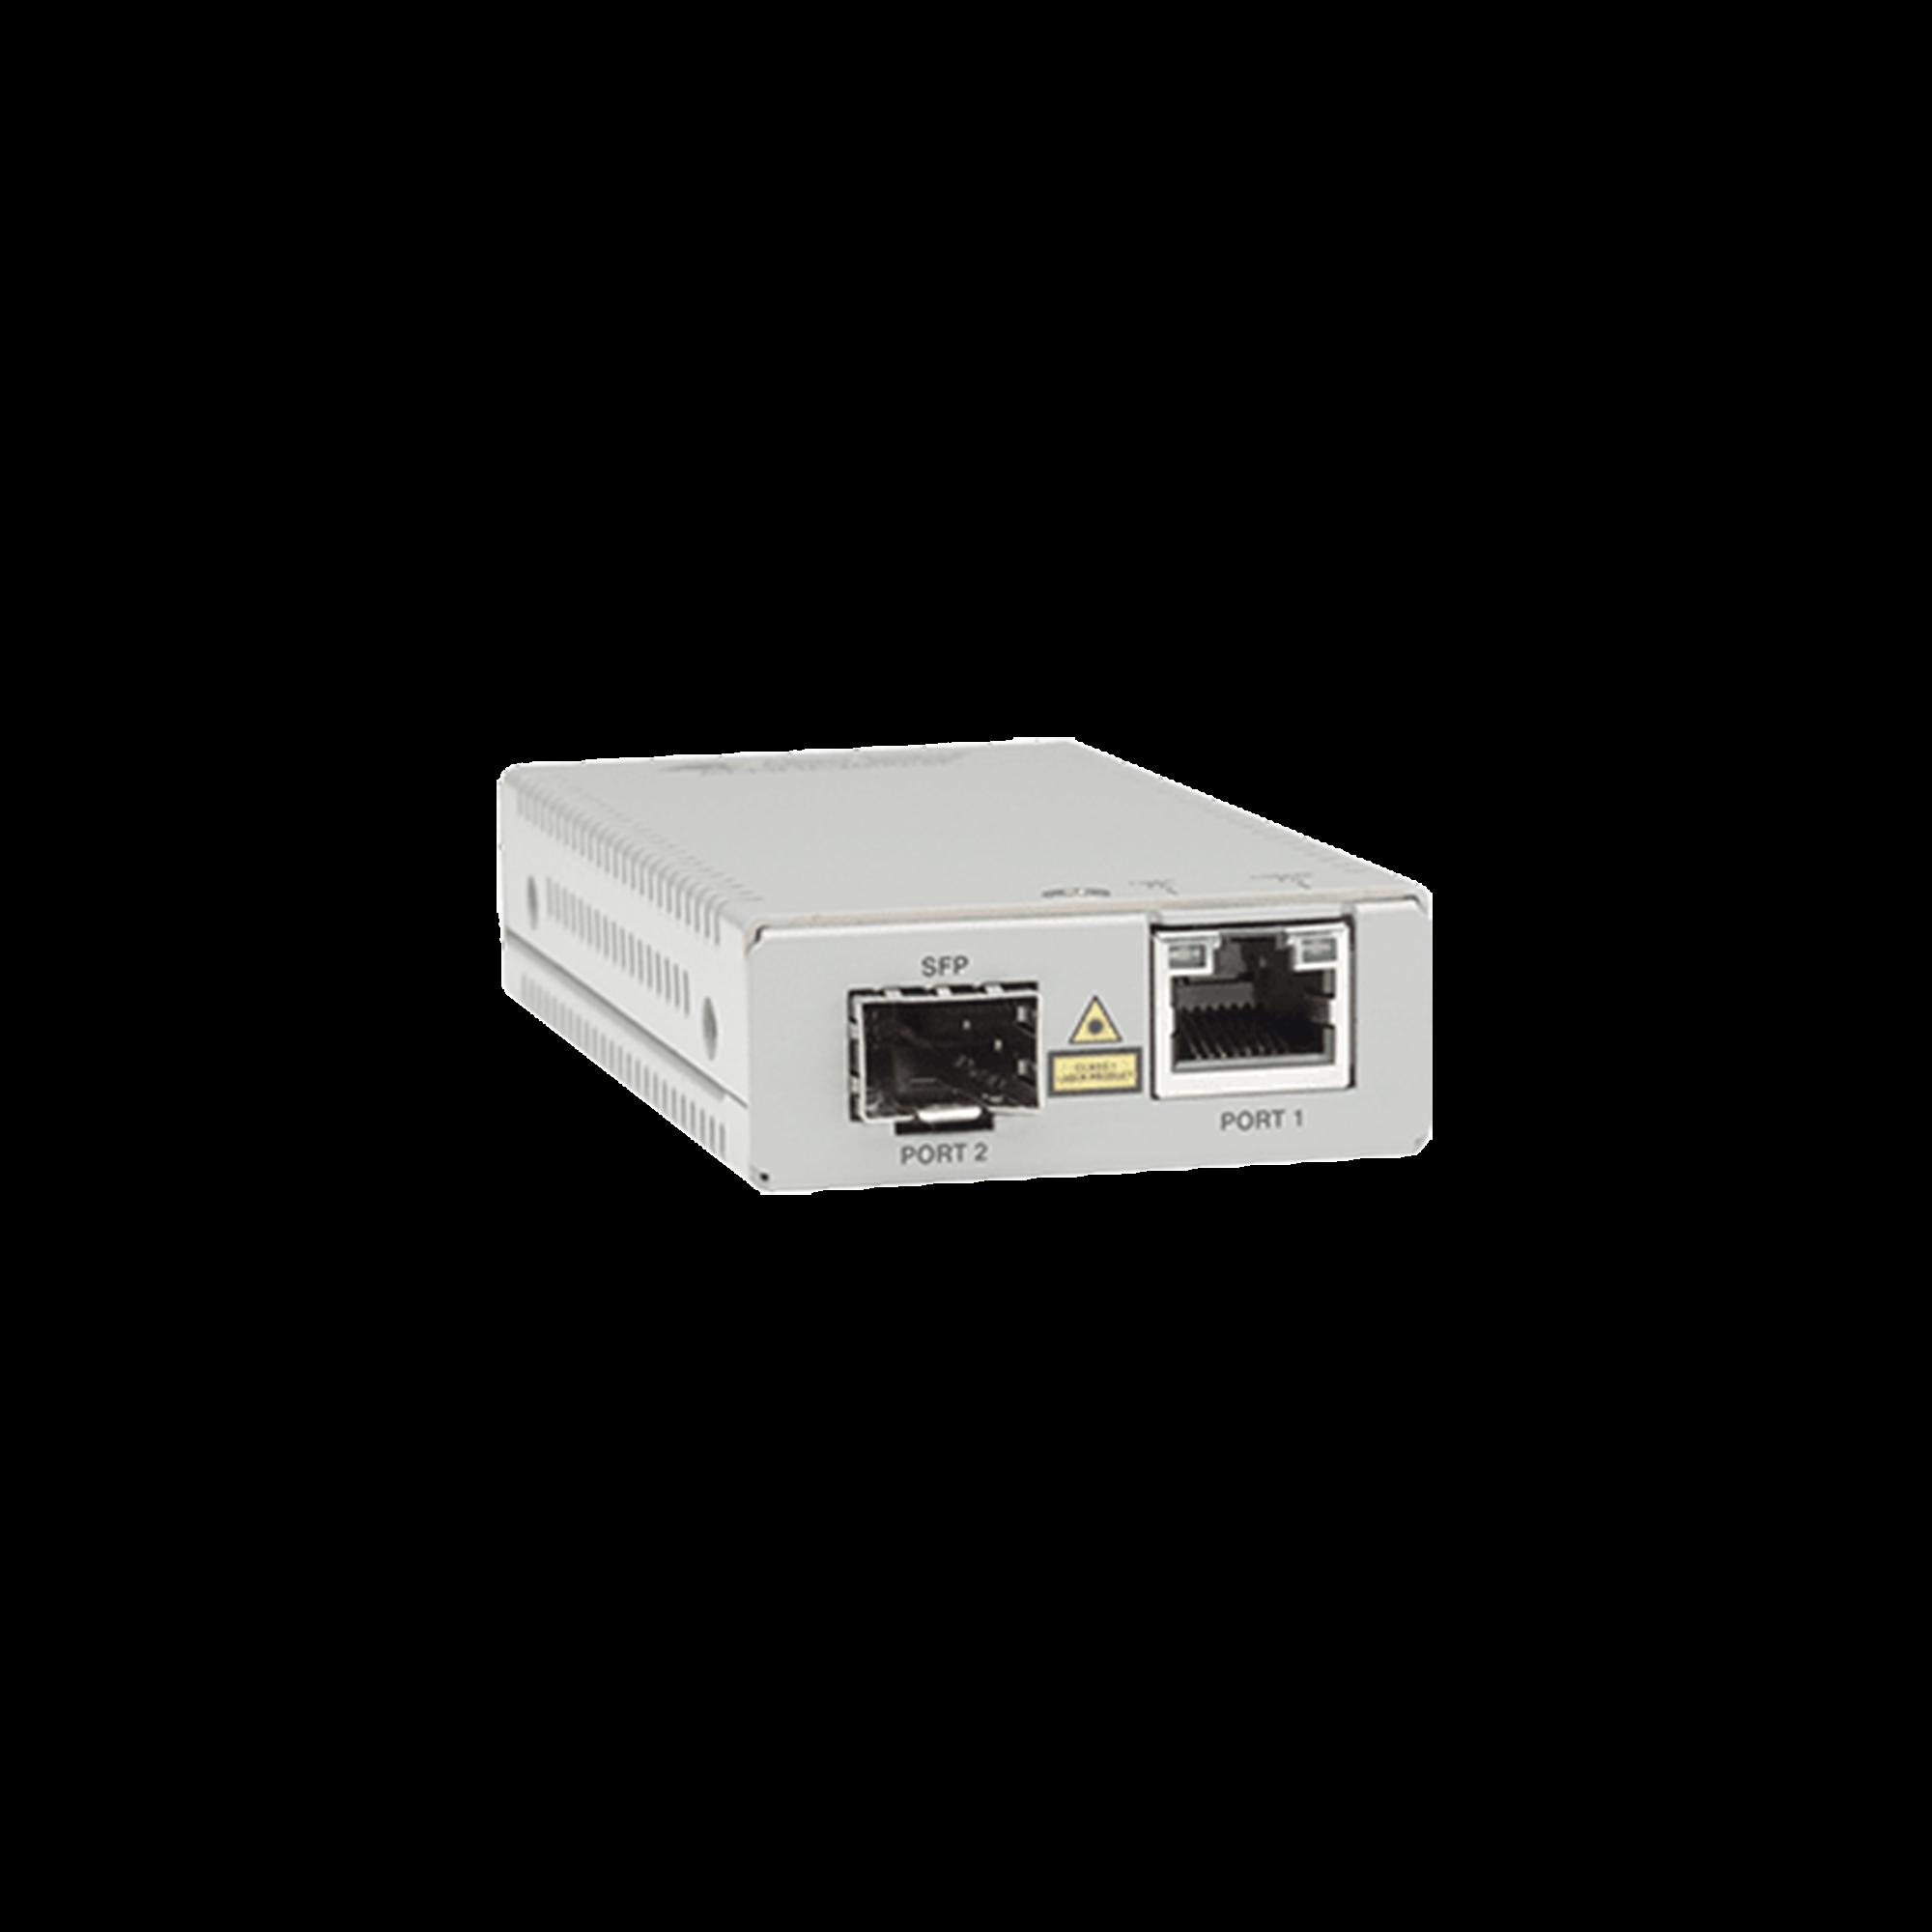 Convertidor de medios gigabit ethernet a fibra optica con puerto SFP (la distancia y tipo de fibra optica depende del transceptor)